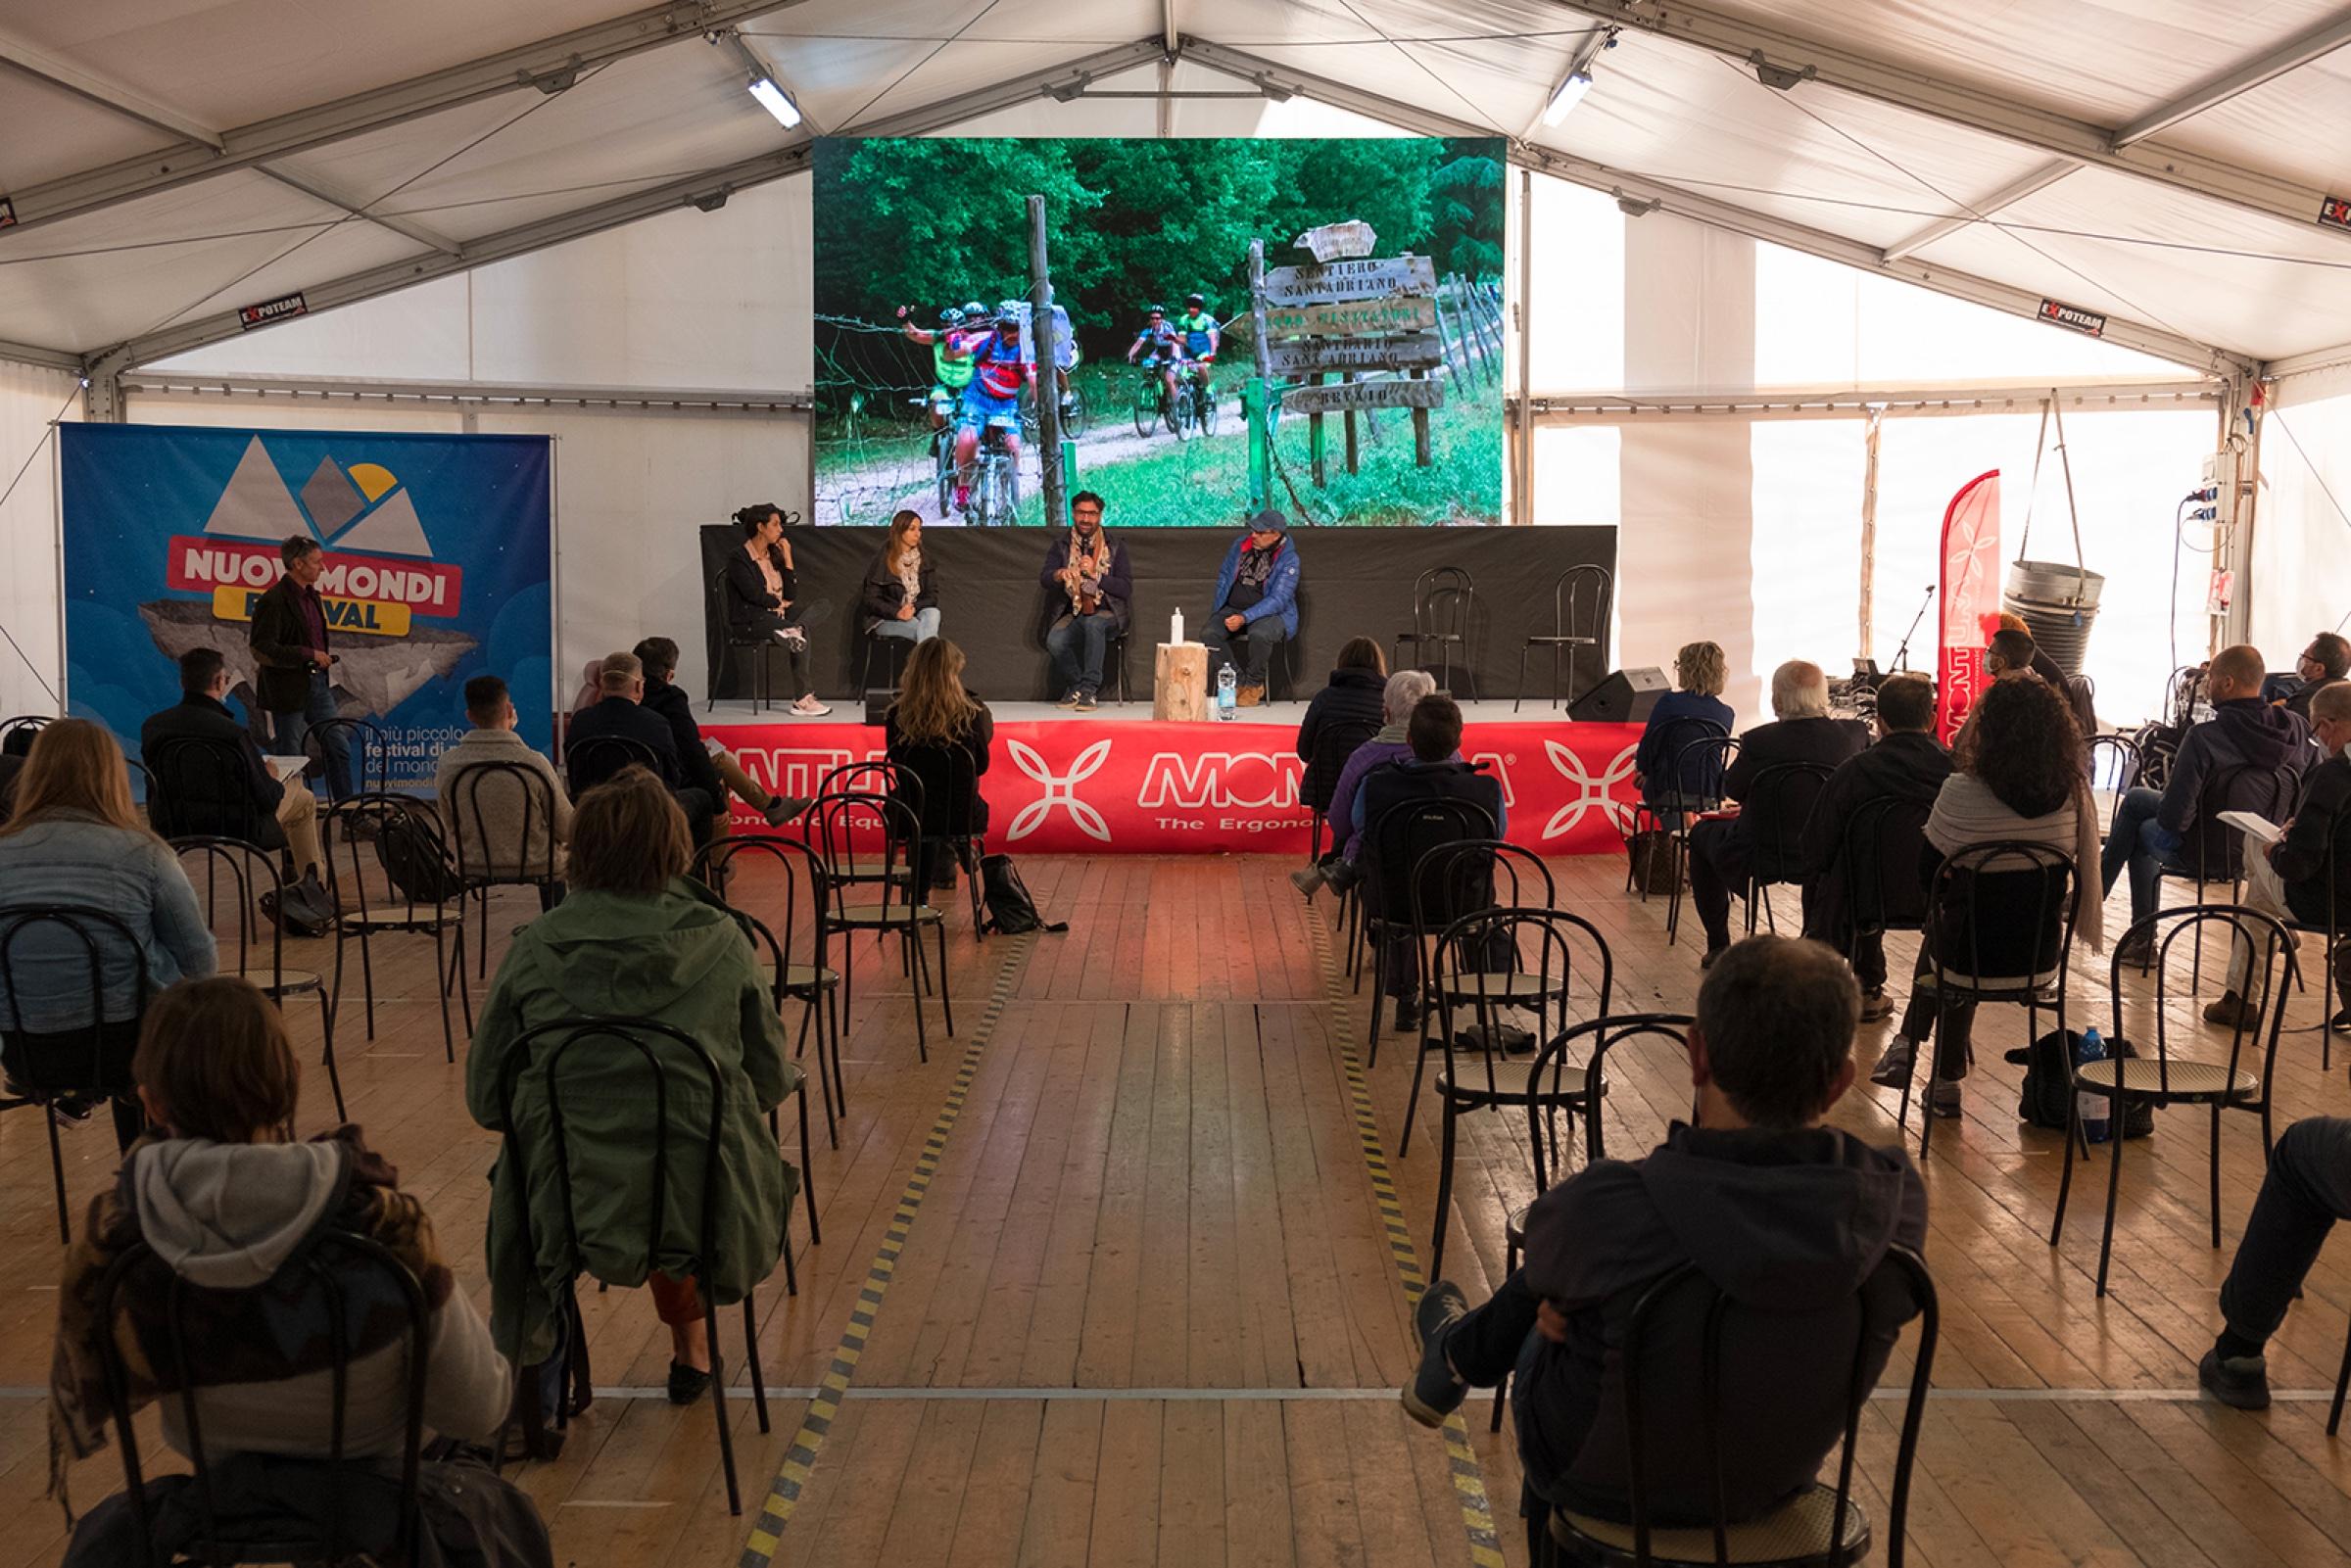 Un momento del Nuovi Mondi Festival 2020, nel quale è nata RIFAI